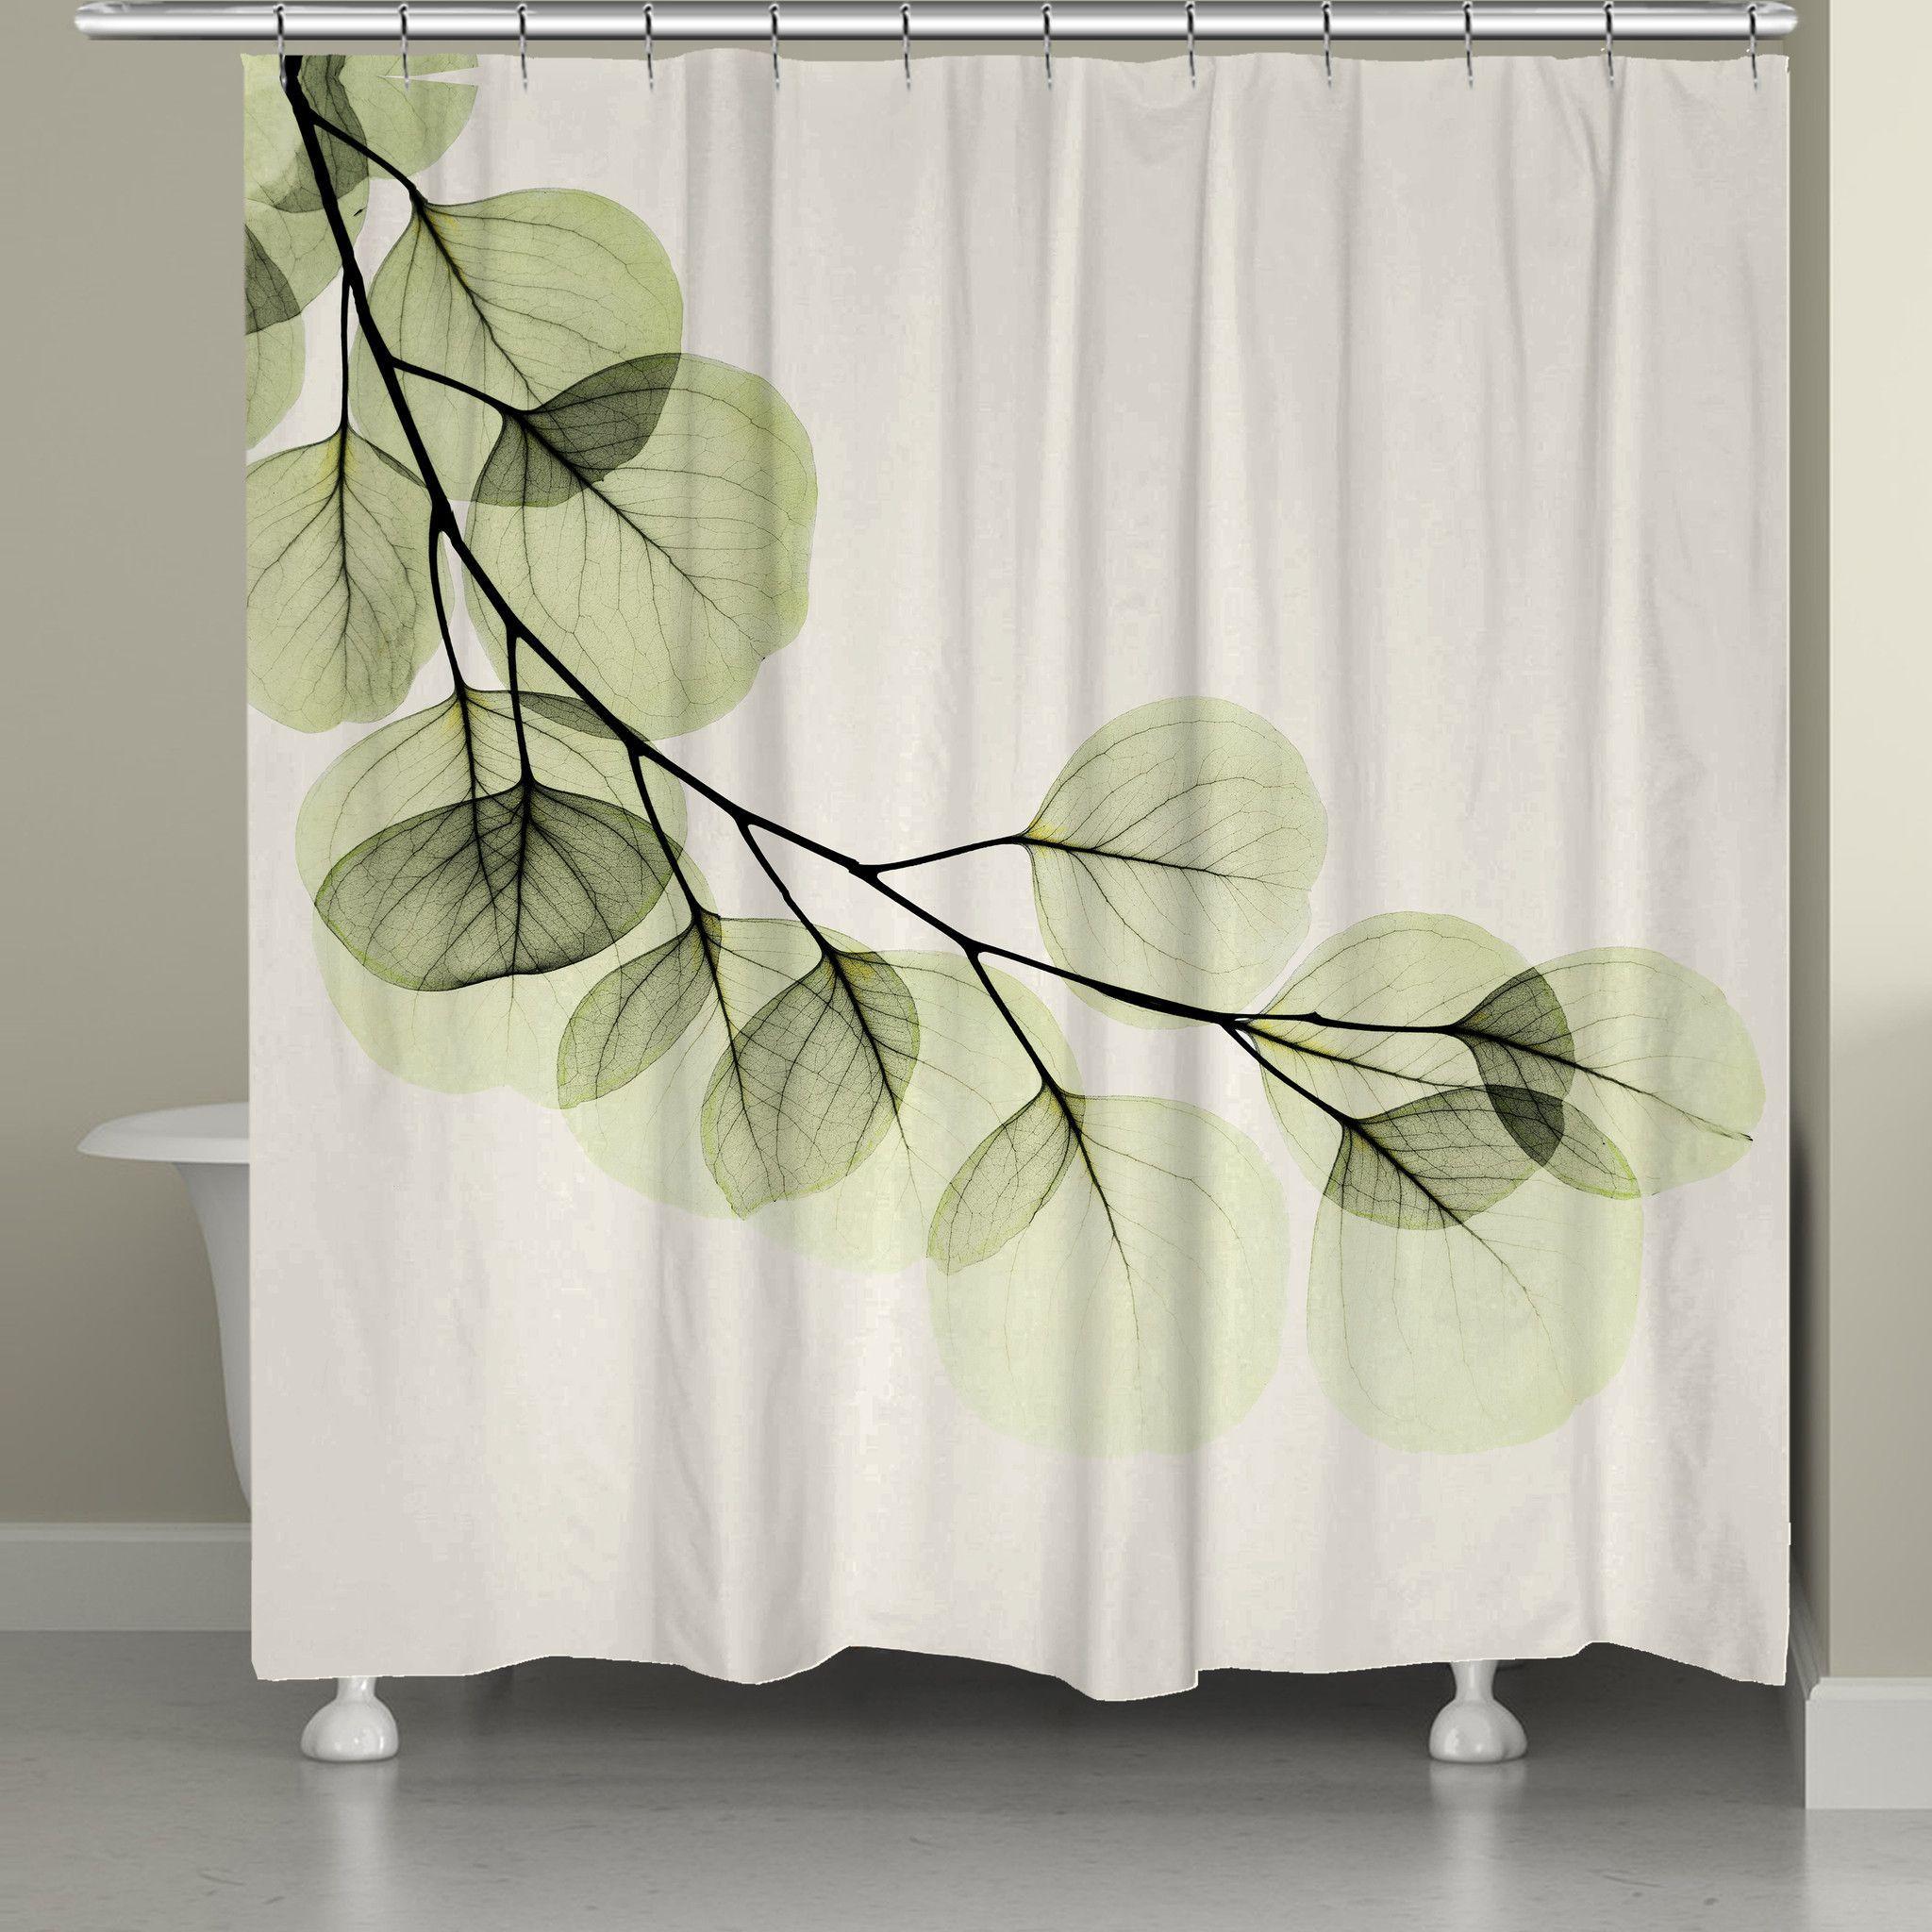 Badezimmer ideen für teenager green xray of eucalyptus leaves shower curtain  einrichten